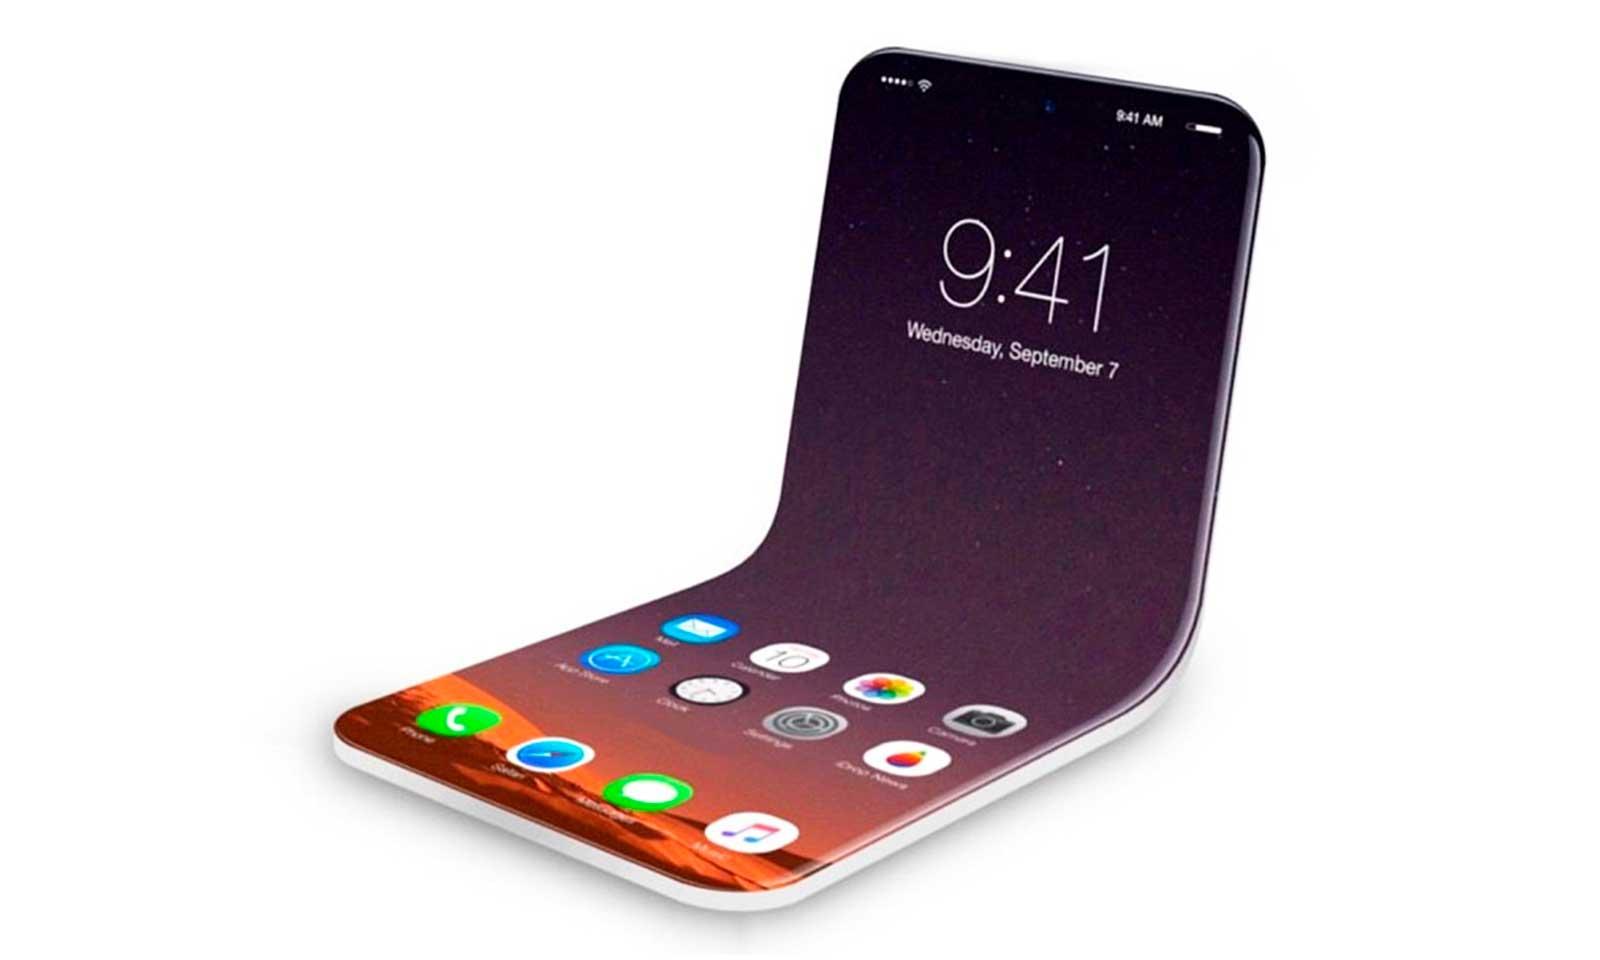 Le modèle de téléphone pliable Apple